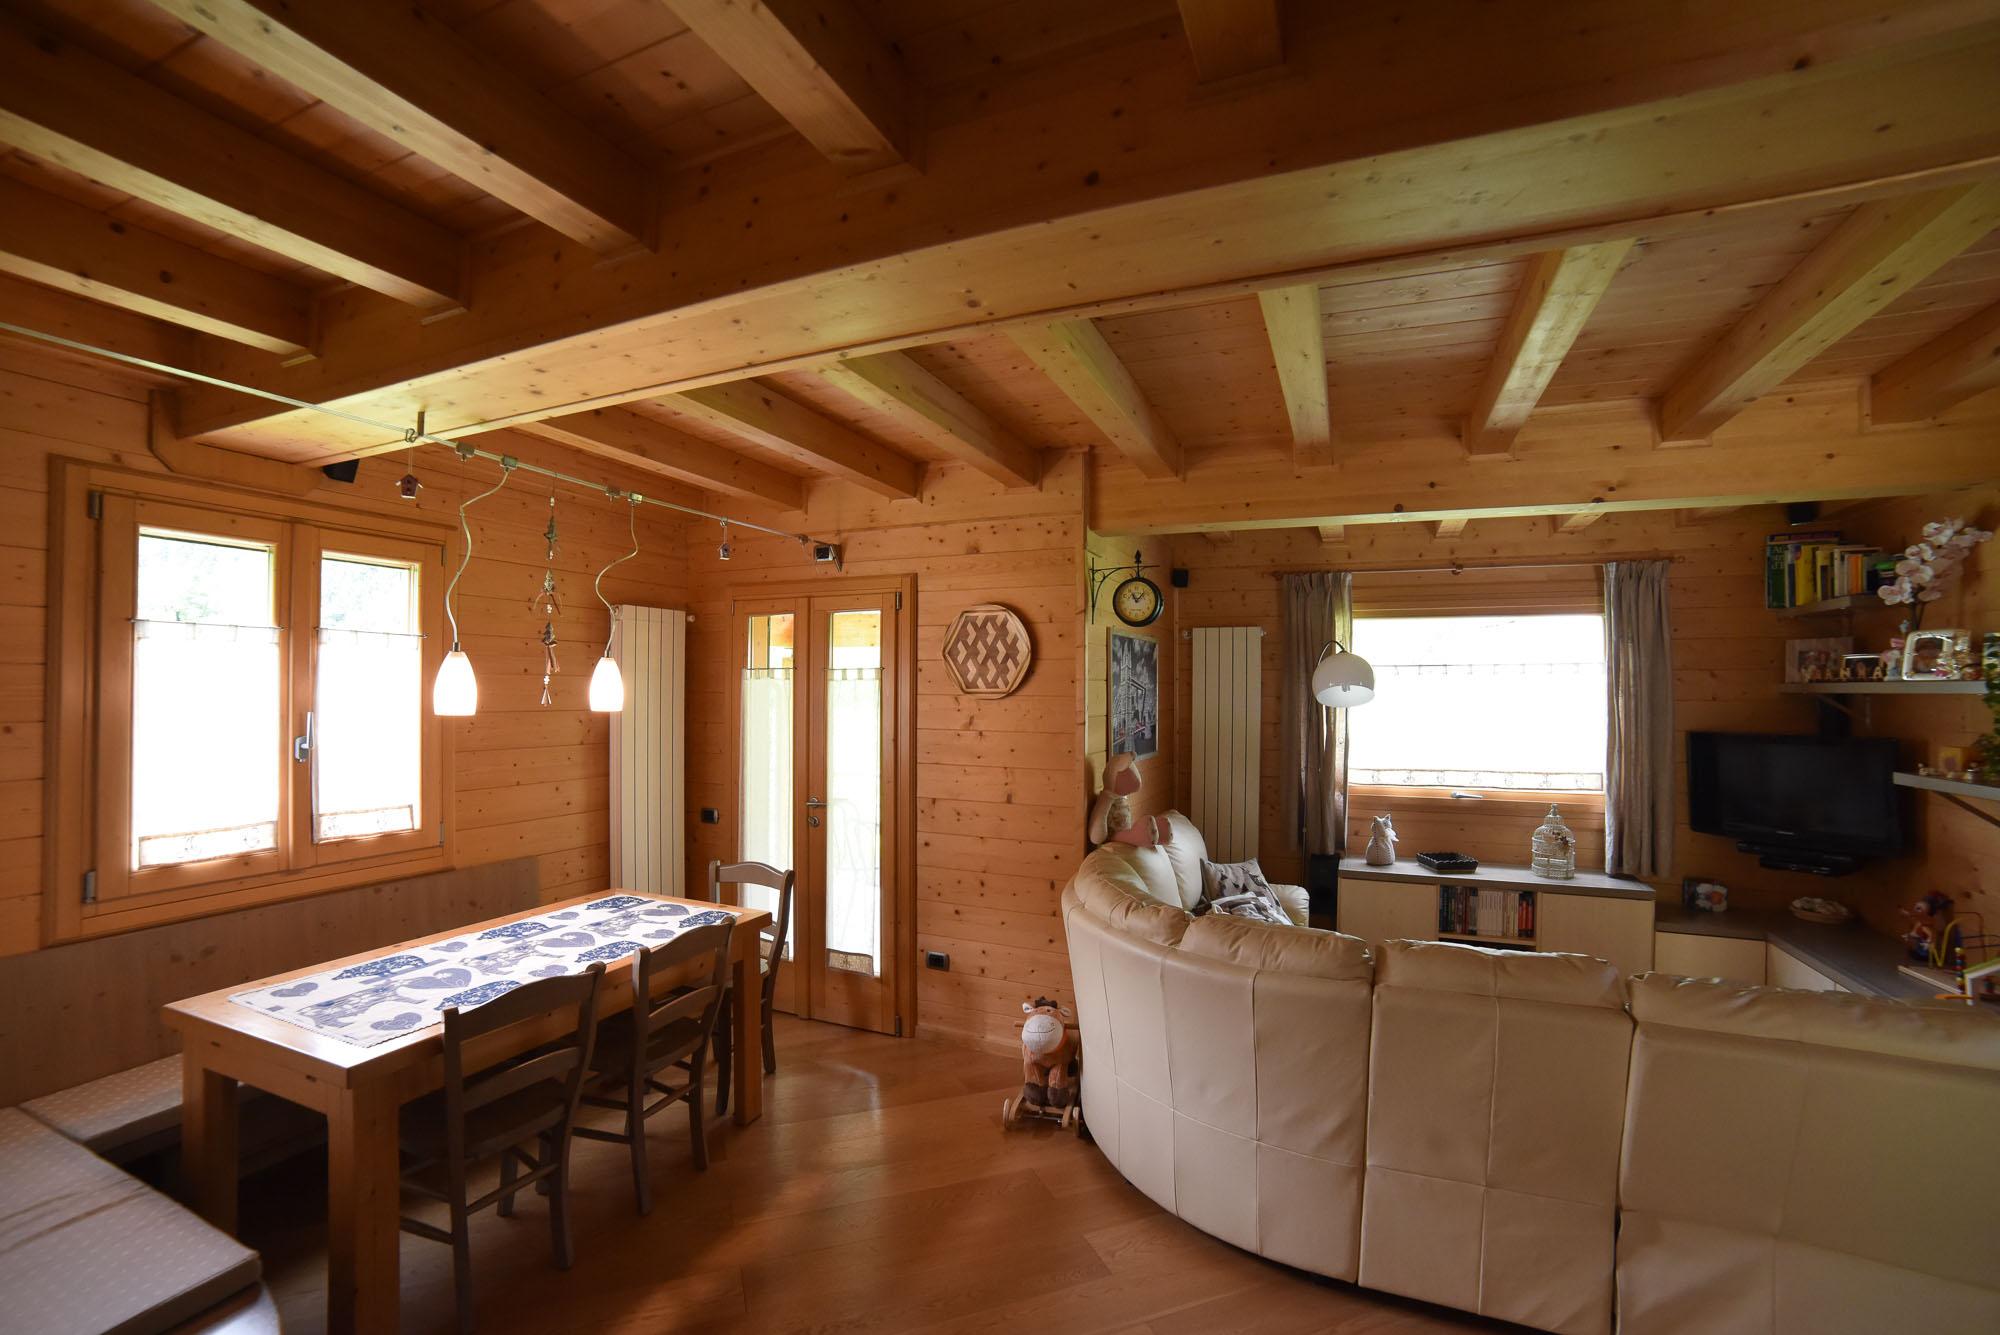 Zona living centurioni 1880 arredamento for Arredo casa facile srl